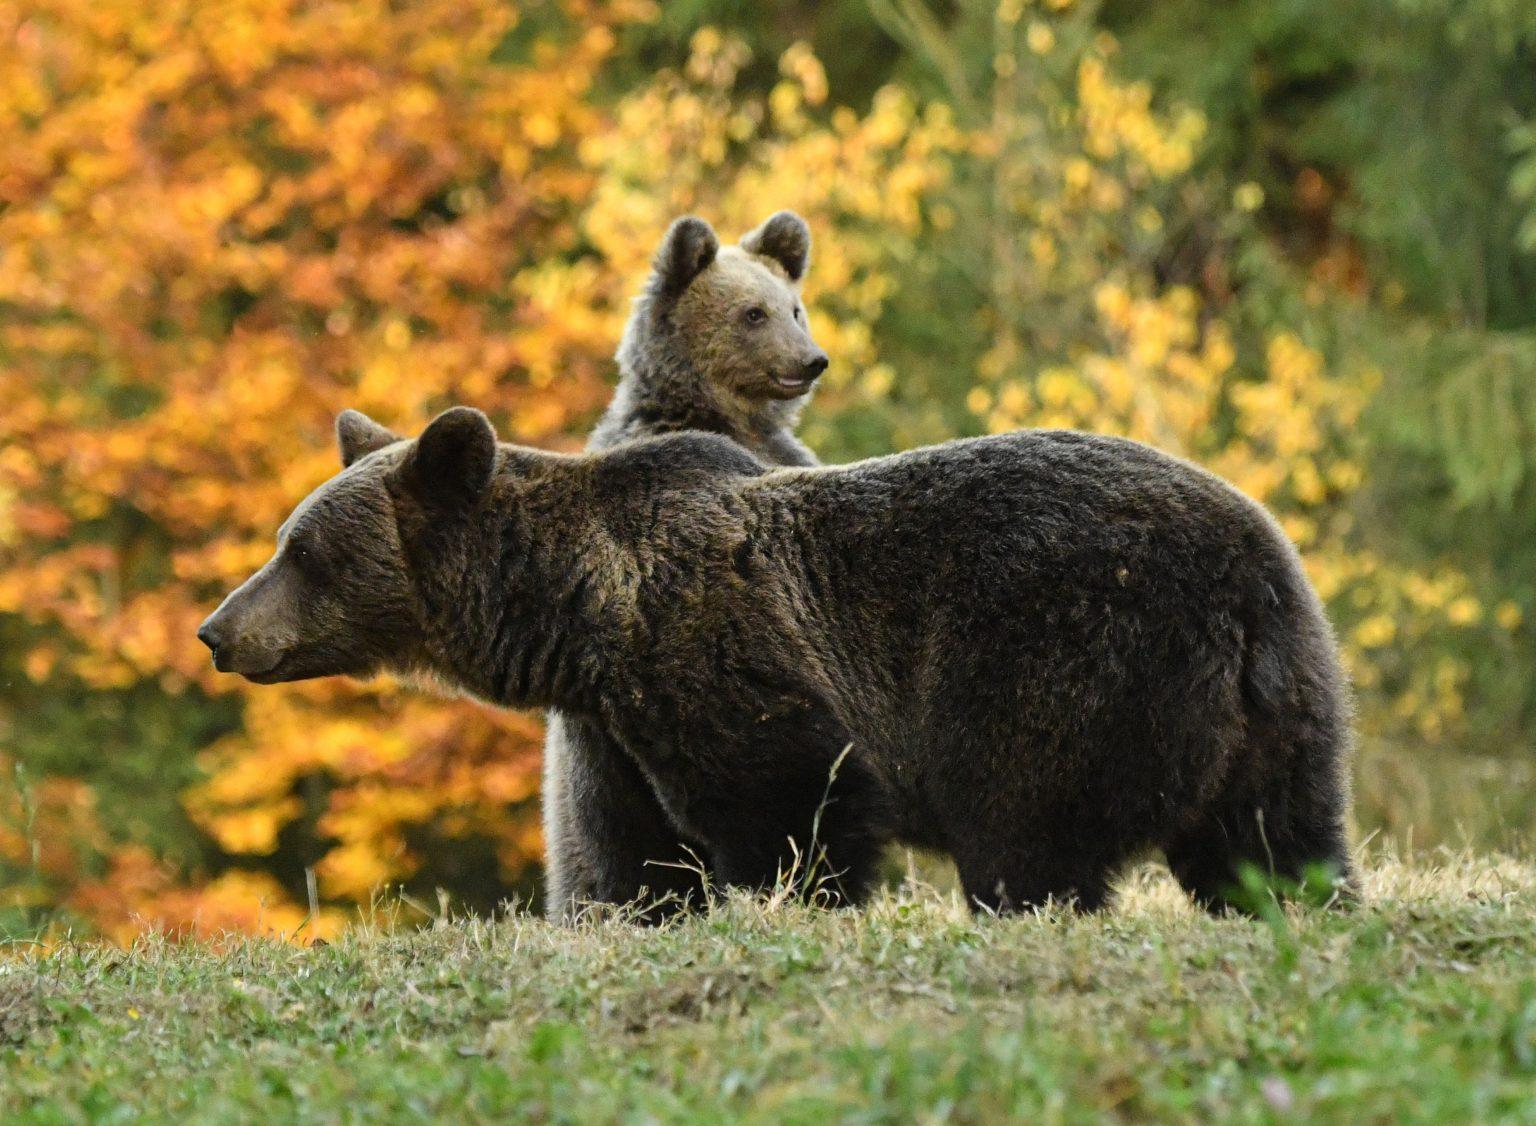 Ministrul Mediului a aprobat impuscarea a 5 ursi din Arges, Mures si Suceava